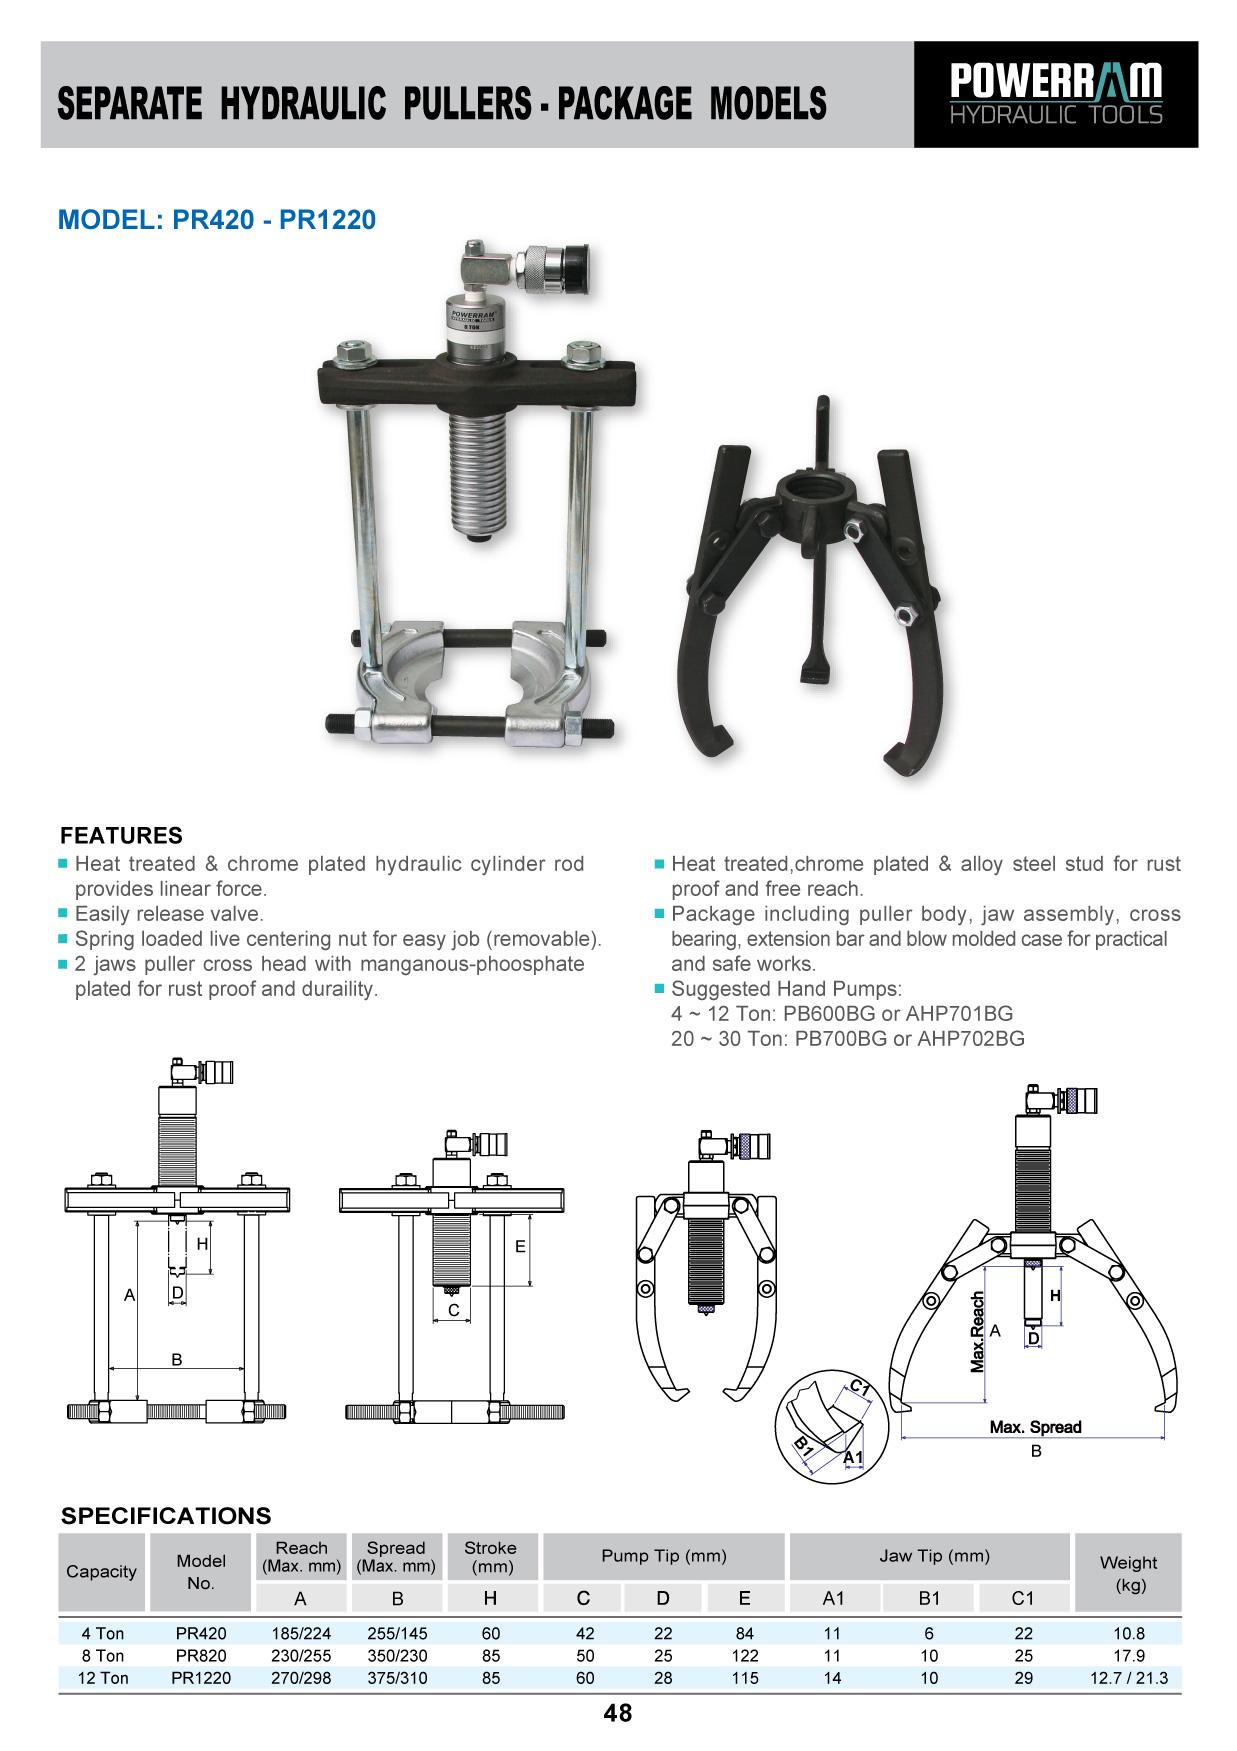 SEPARATE HYDRAULIC PULLER - PACKAGE MODEL PR420-PR1220